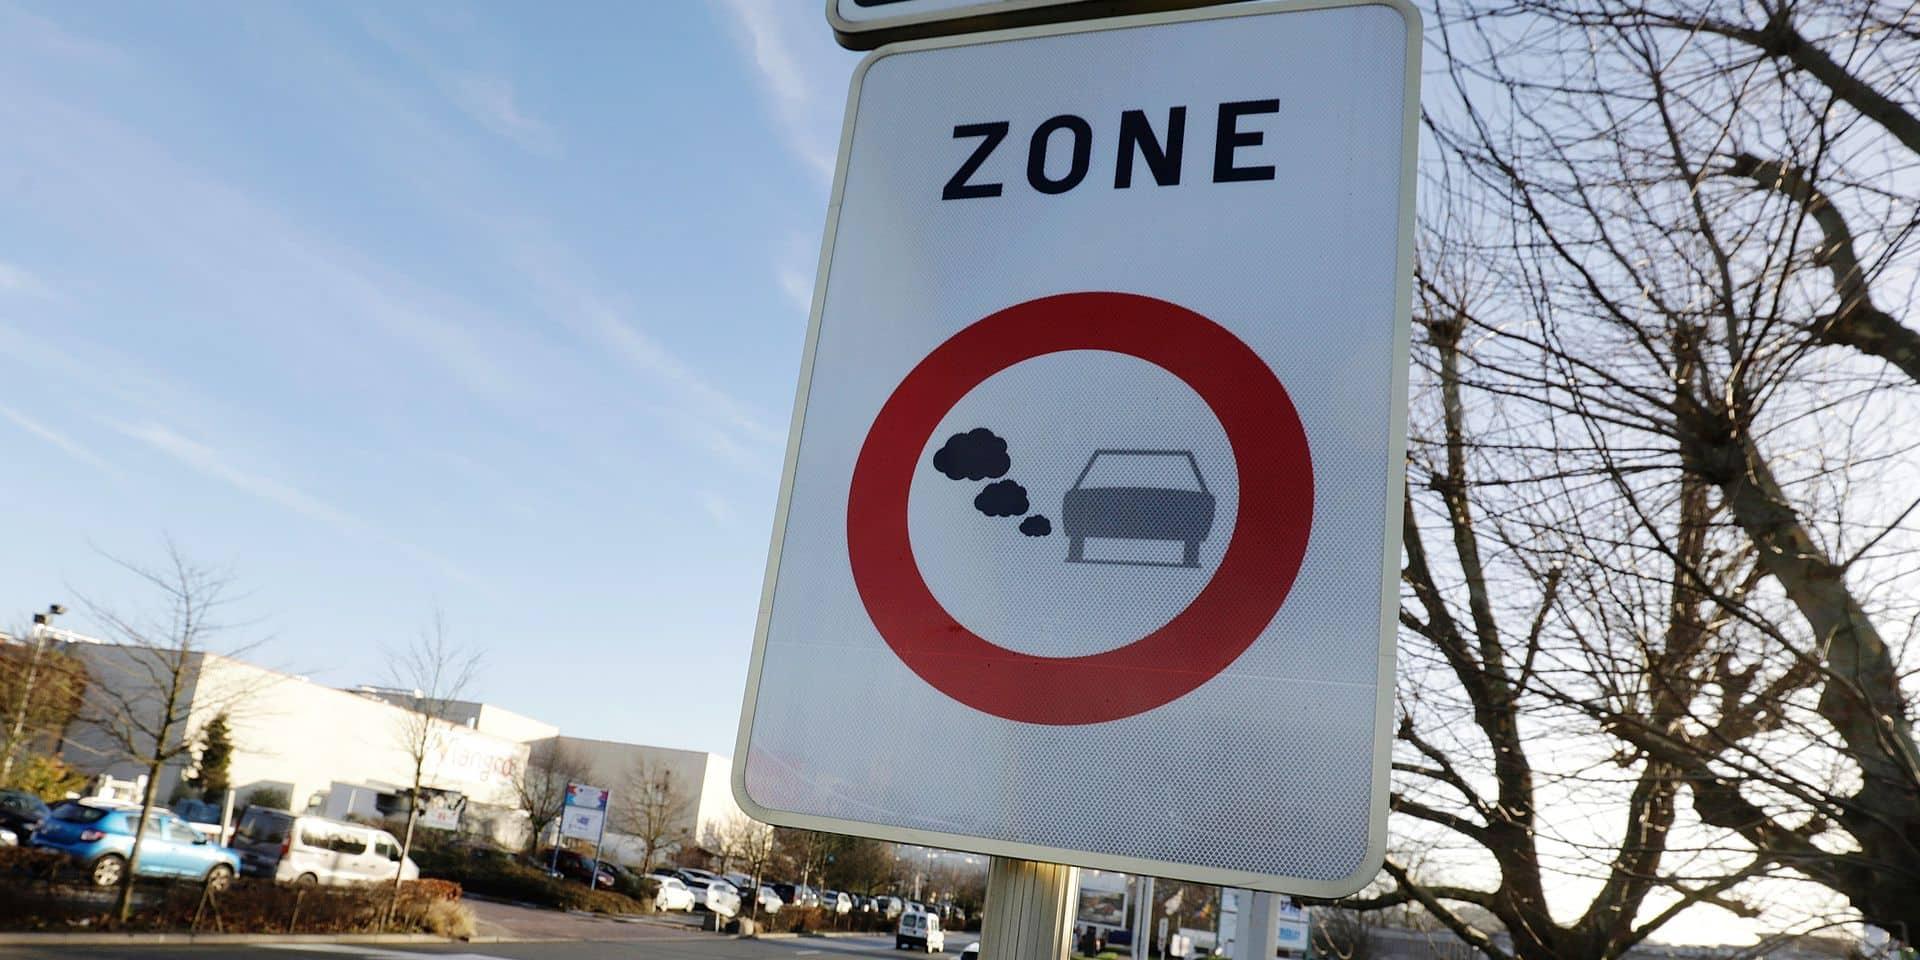 Qui est concerné par l'interdiction de circuler sur le territoire bruxellois ?